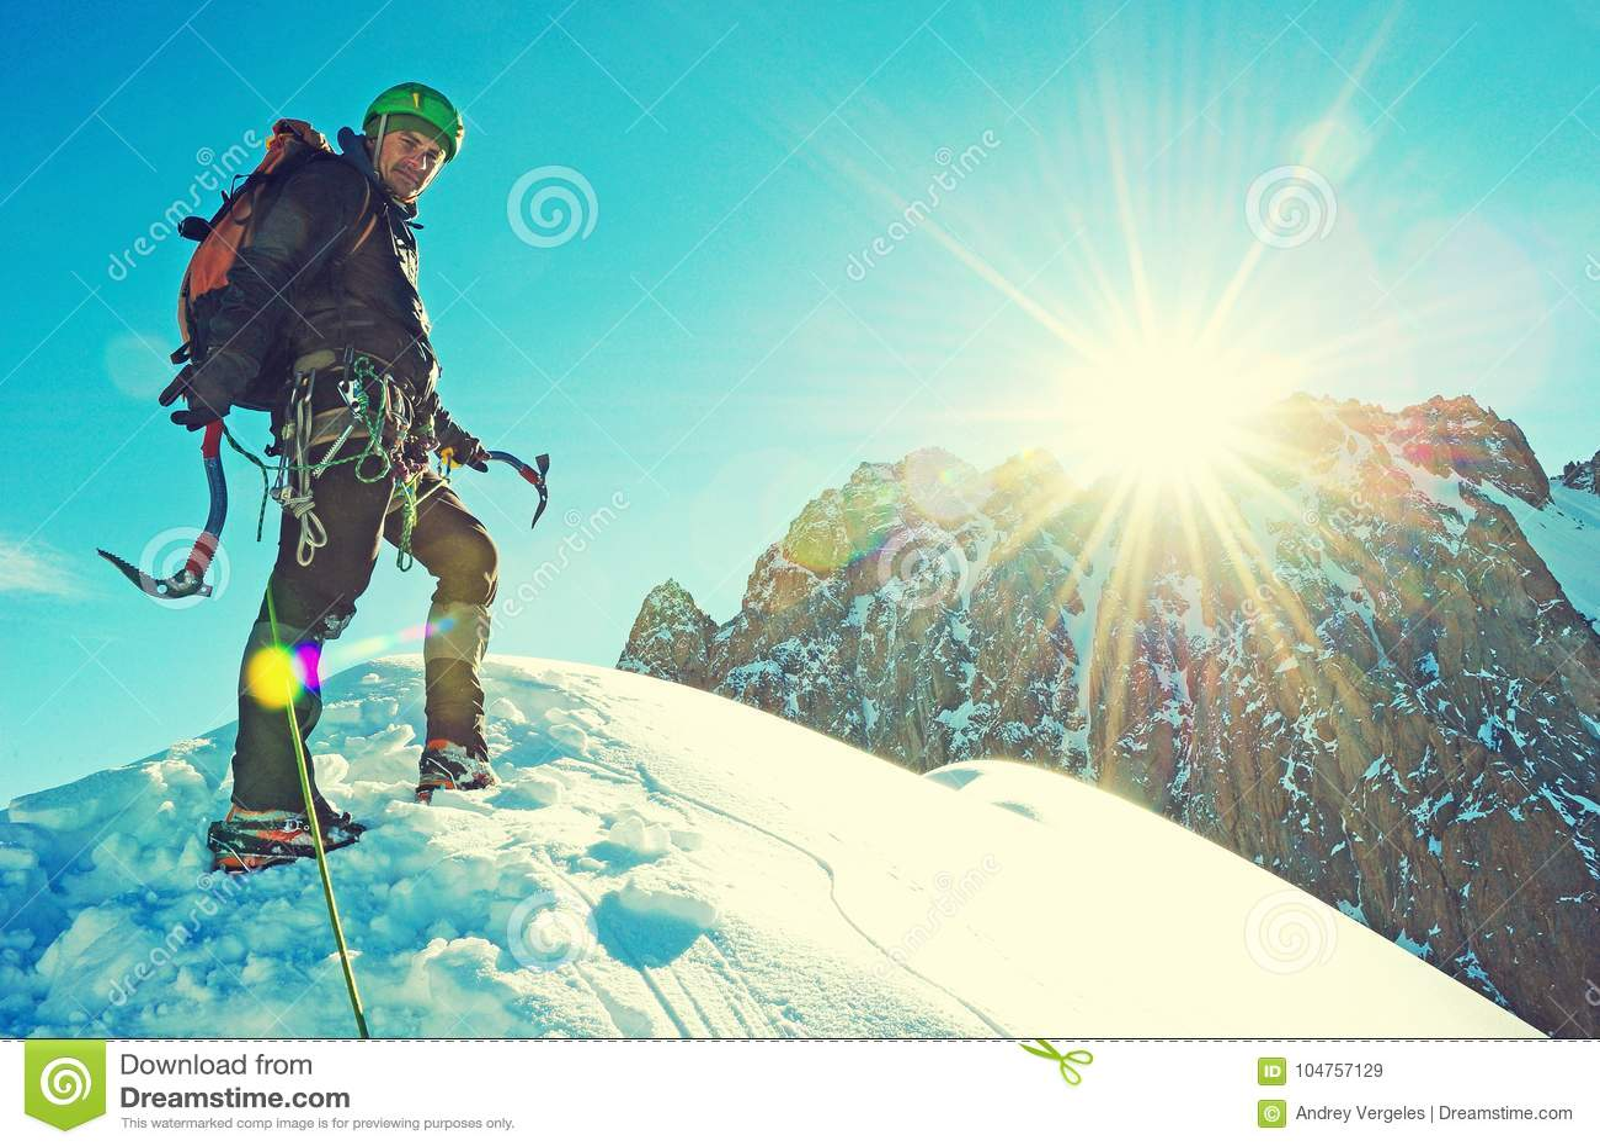 Bergsteiger erreicht den Gipfel der Bergspitze Erfolg, Freiheit und Glück, Leistung in den Bergen Kletterndes Sportkonzept